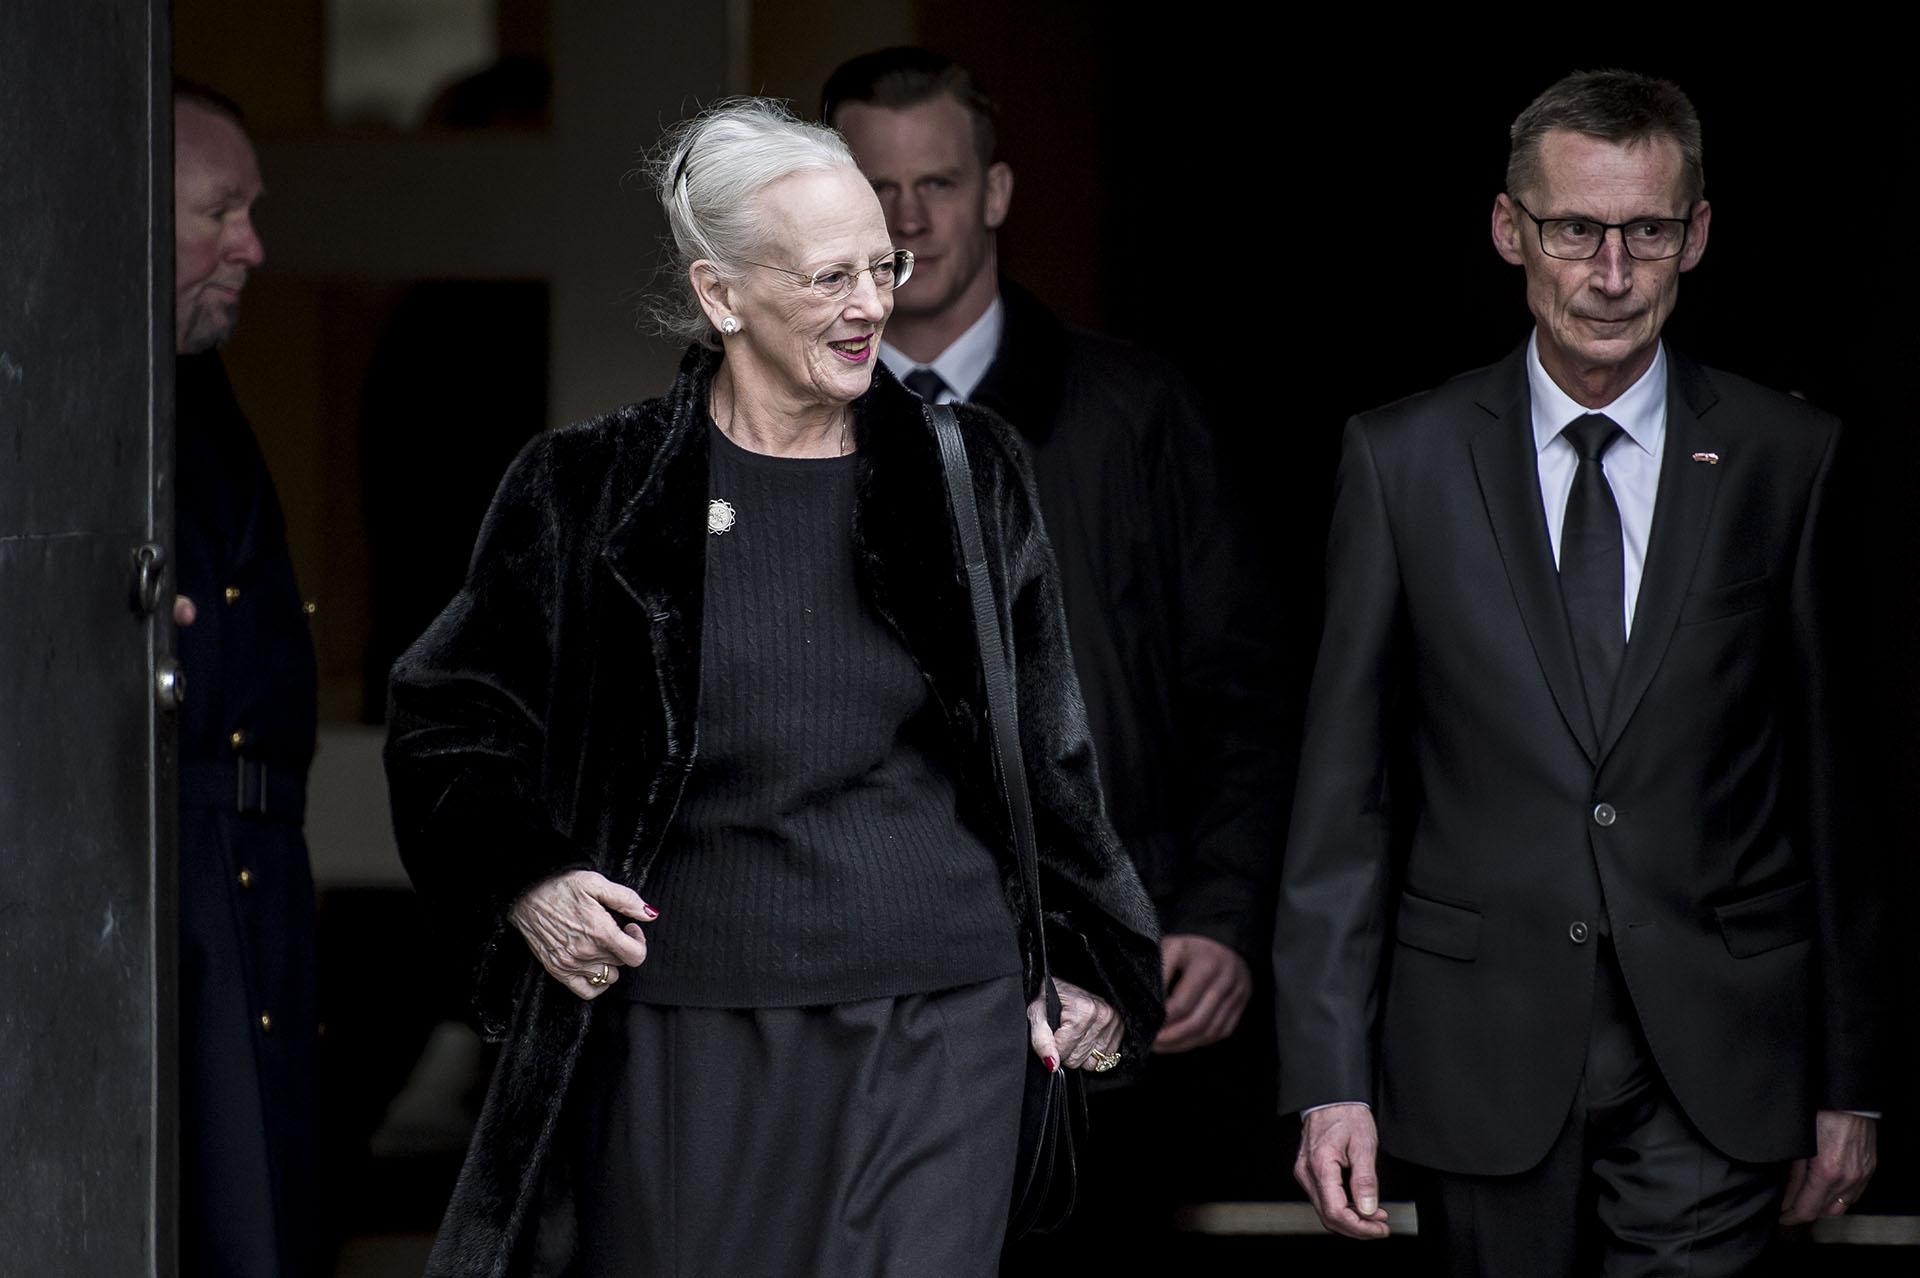 La reina Margarita de Dinamarca a la salida del servicio religioso. Su marido falleció en el castillo de Fredensborg. Estuvieron casados desde 1967